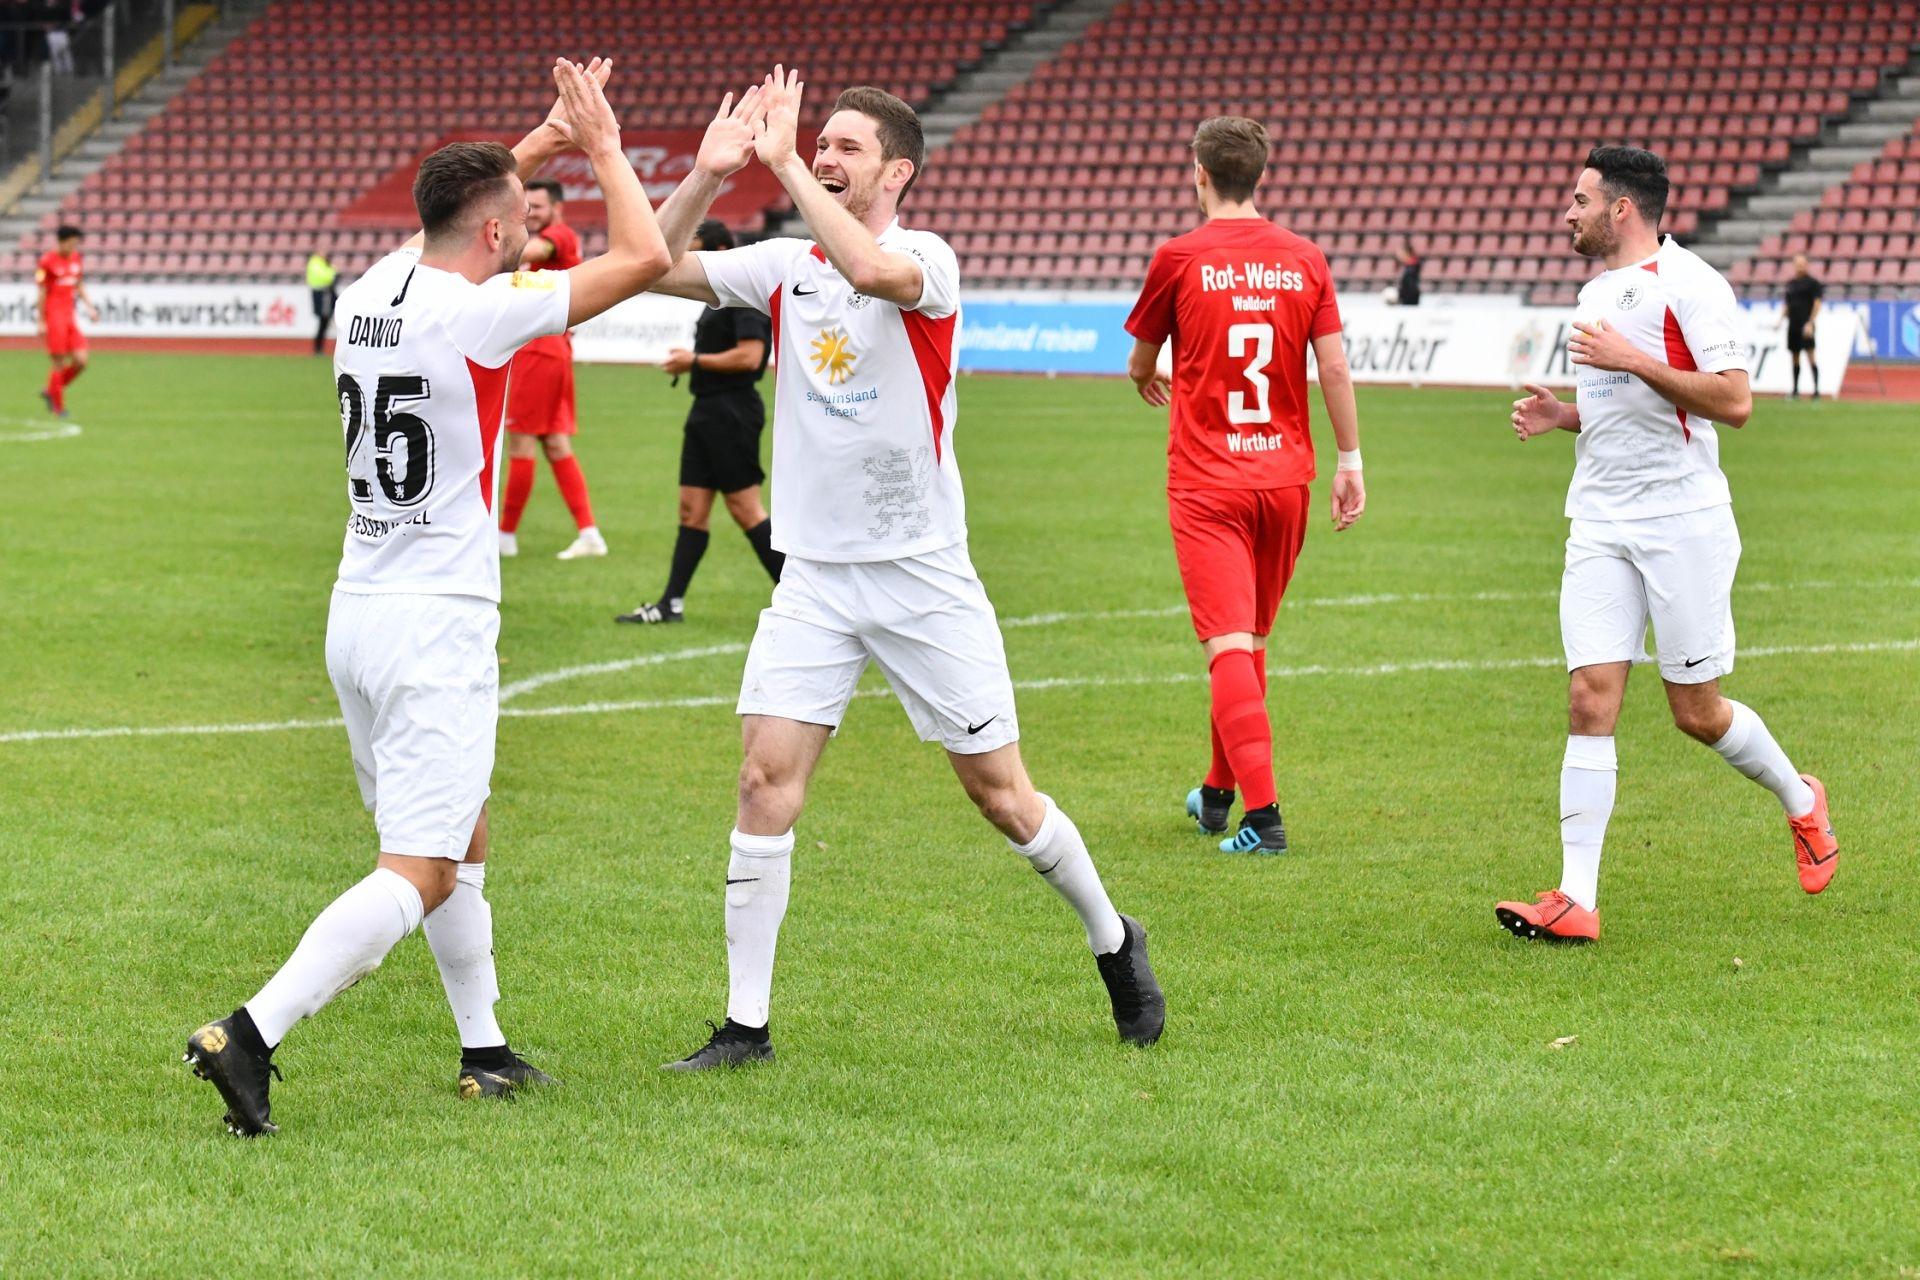 KSV Hessen Kassel, Rot-Weiss Walldorf, Endstand 4:0, Jubel zum 1:0, Marco Dawid (KSV Hessen Kassel), Lukas Iksal (KSV Hessen Kassel)